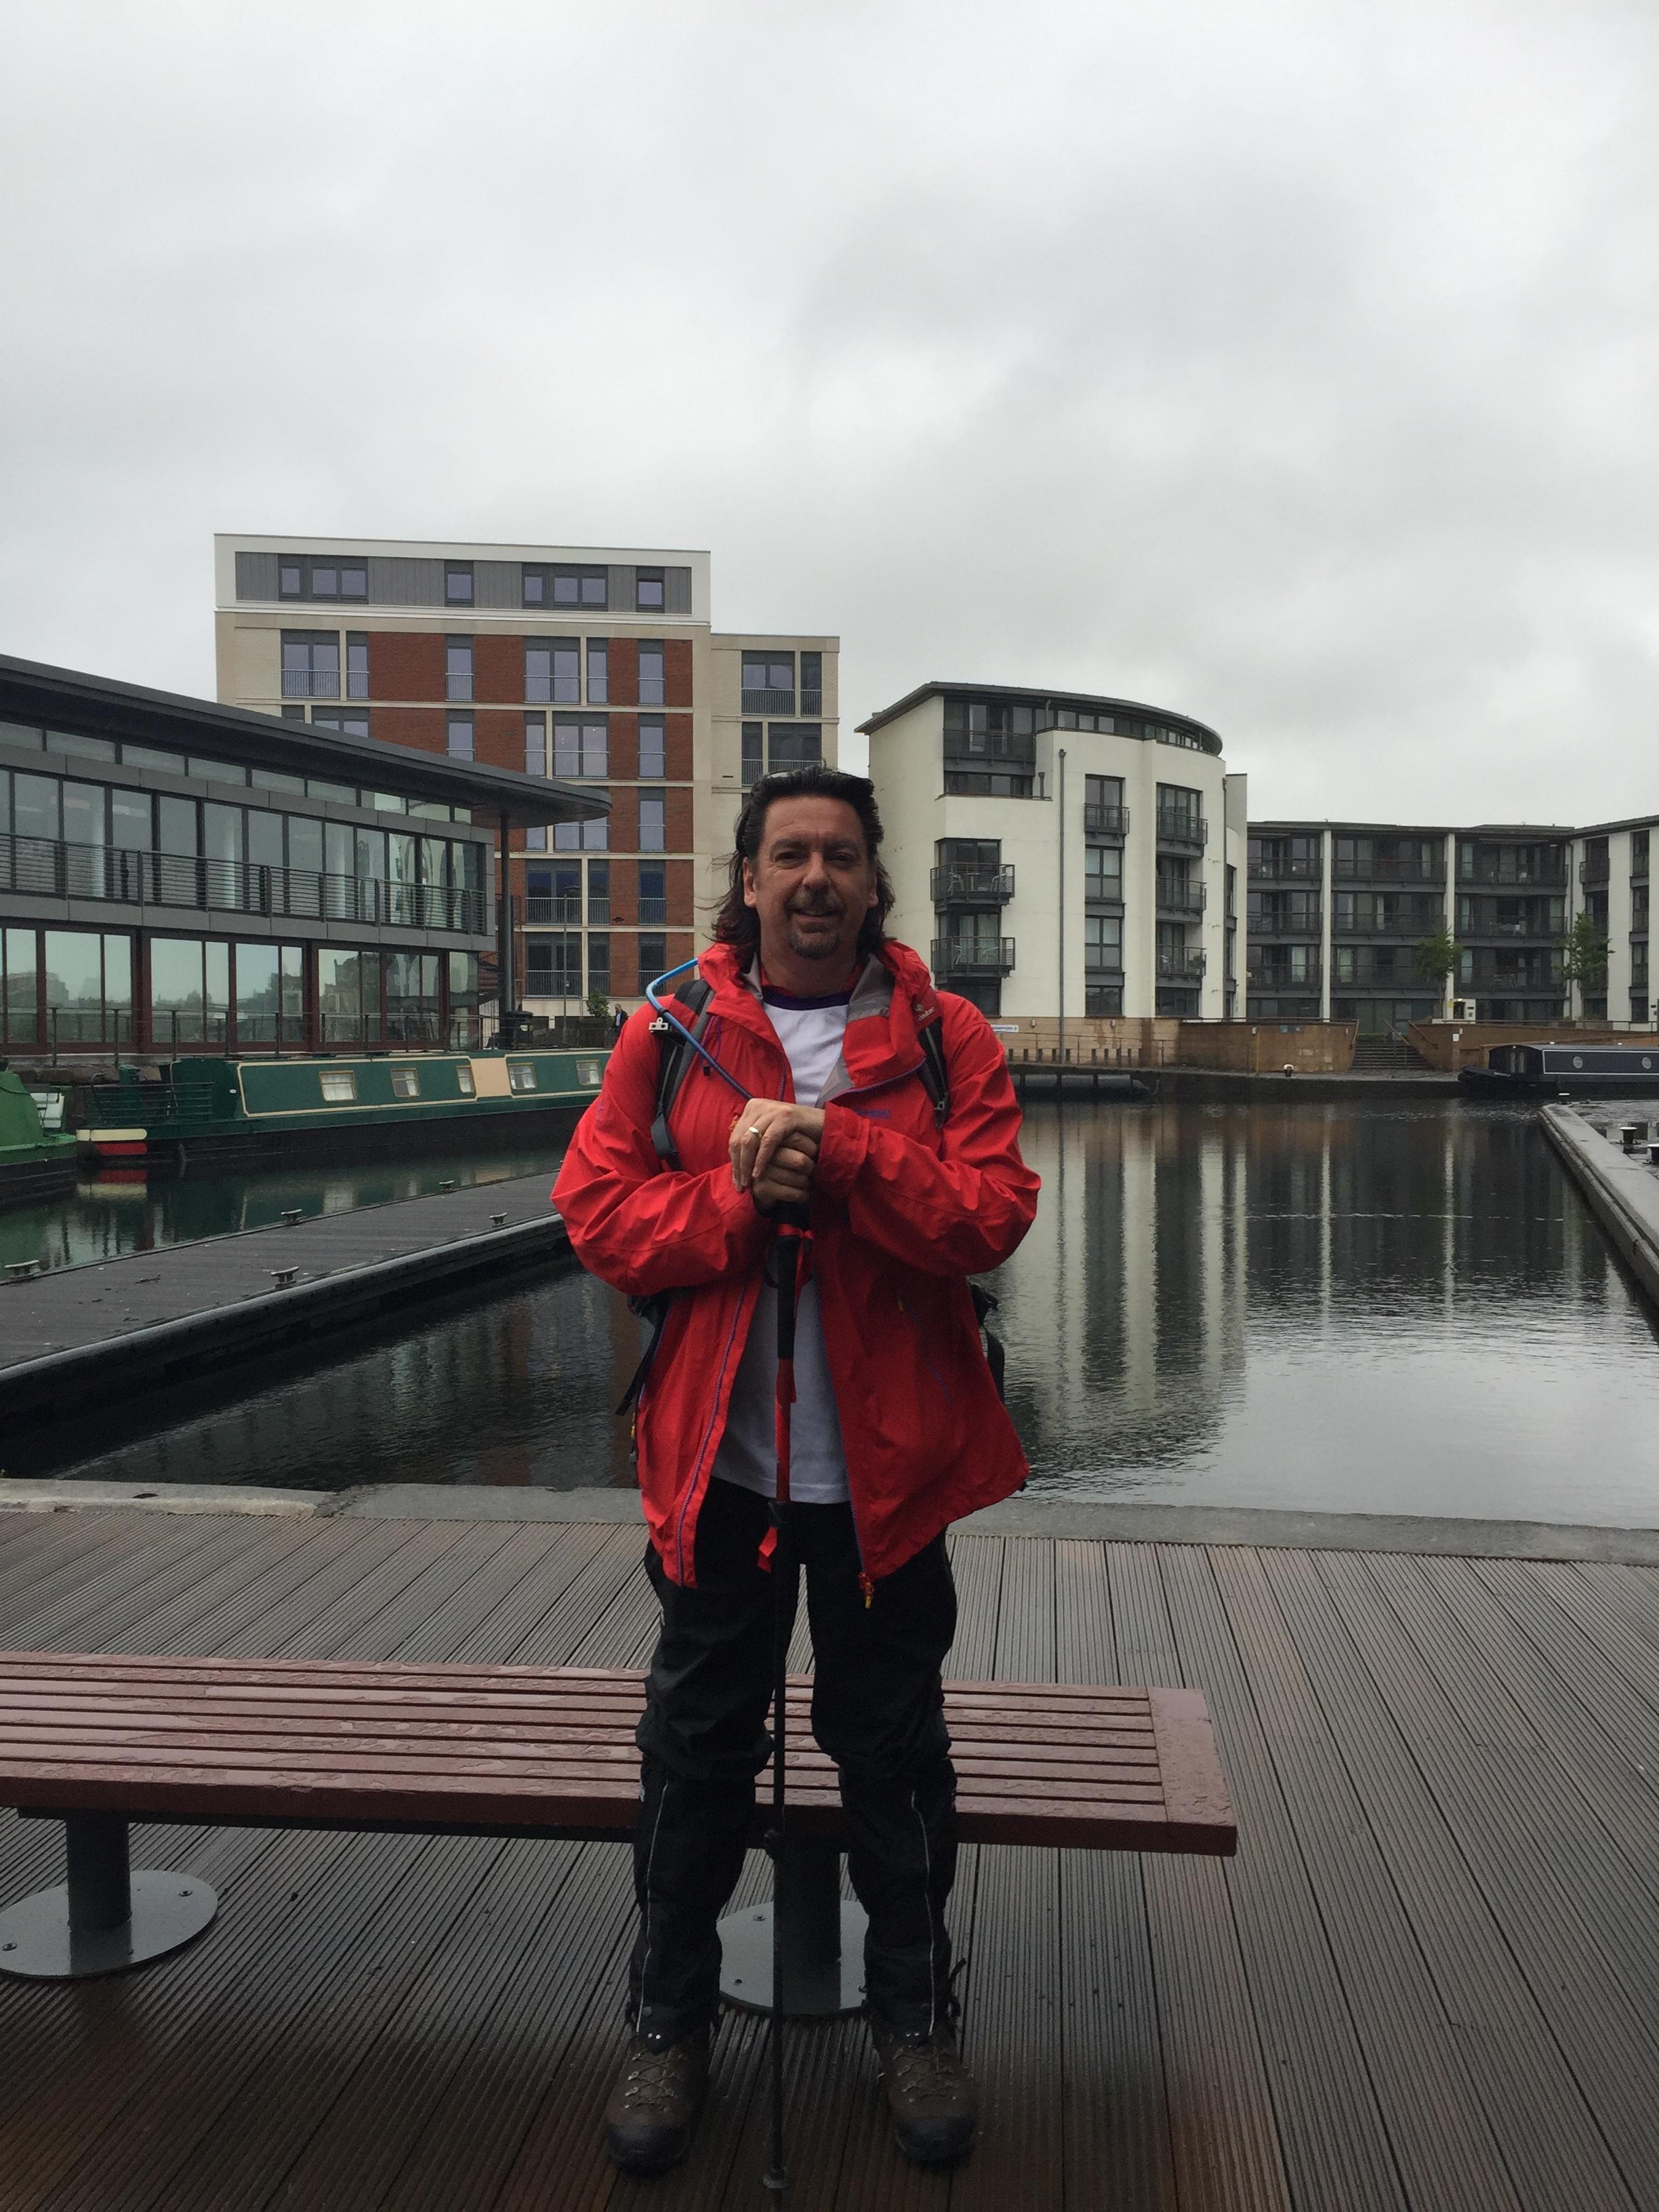 First day: setting off on Canal Trek, Lochrin Basin, Edinburgh